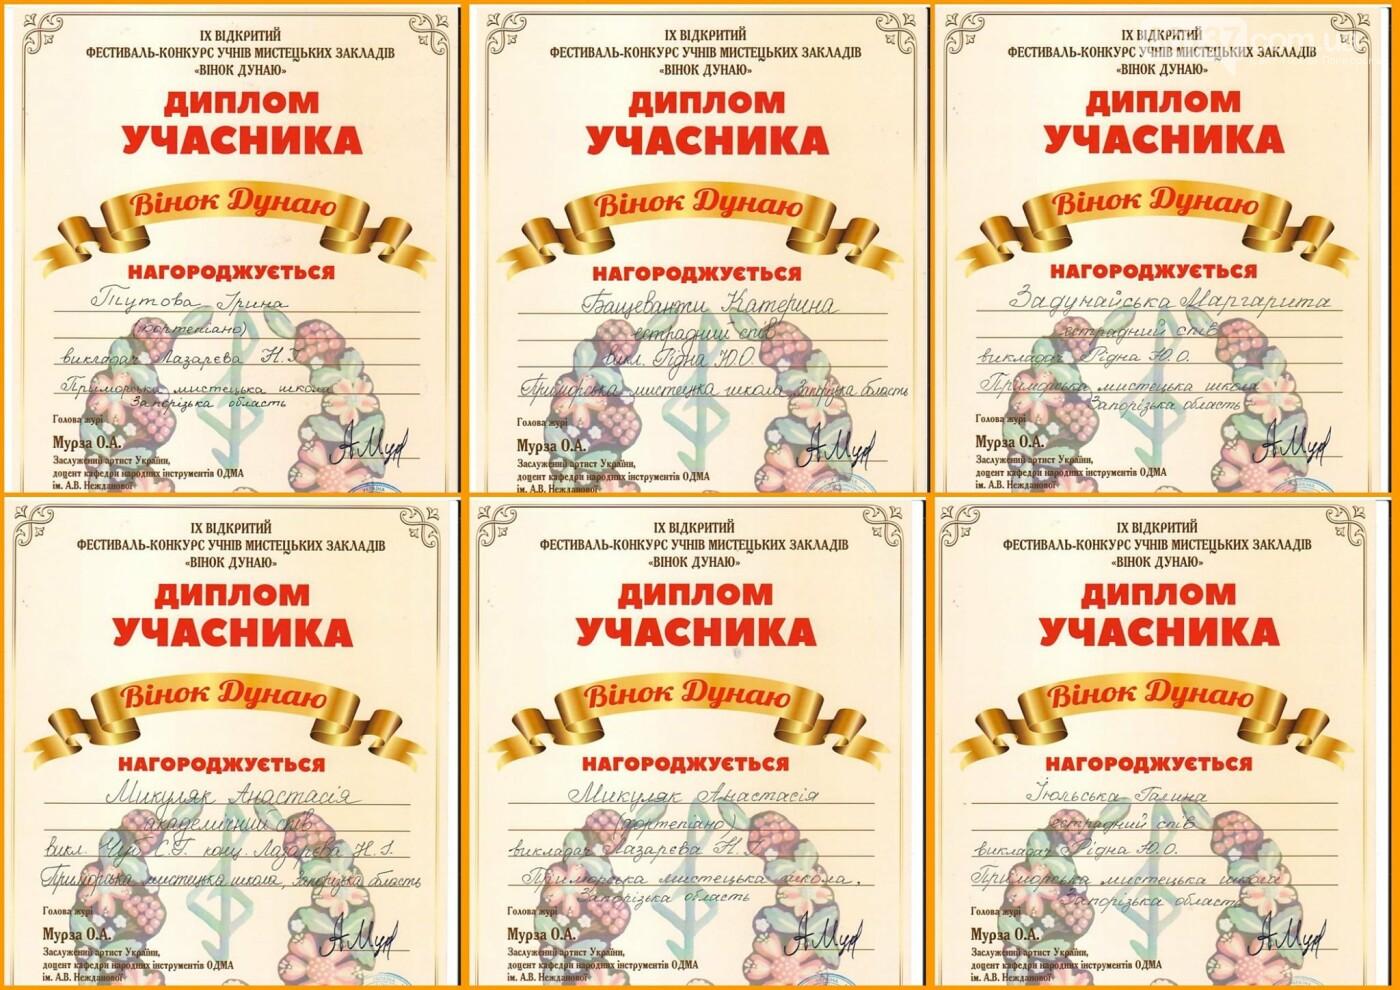 """Учні Приморської мистецької школи отримали перемогу в конкурсі """"Вінок Думаю"""", фото-4"""